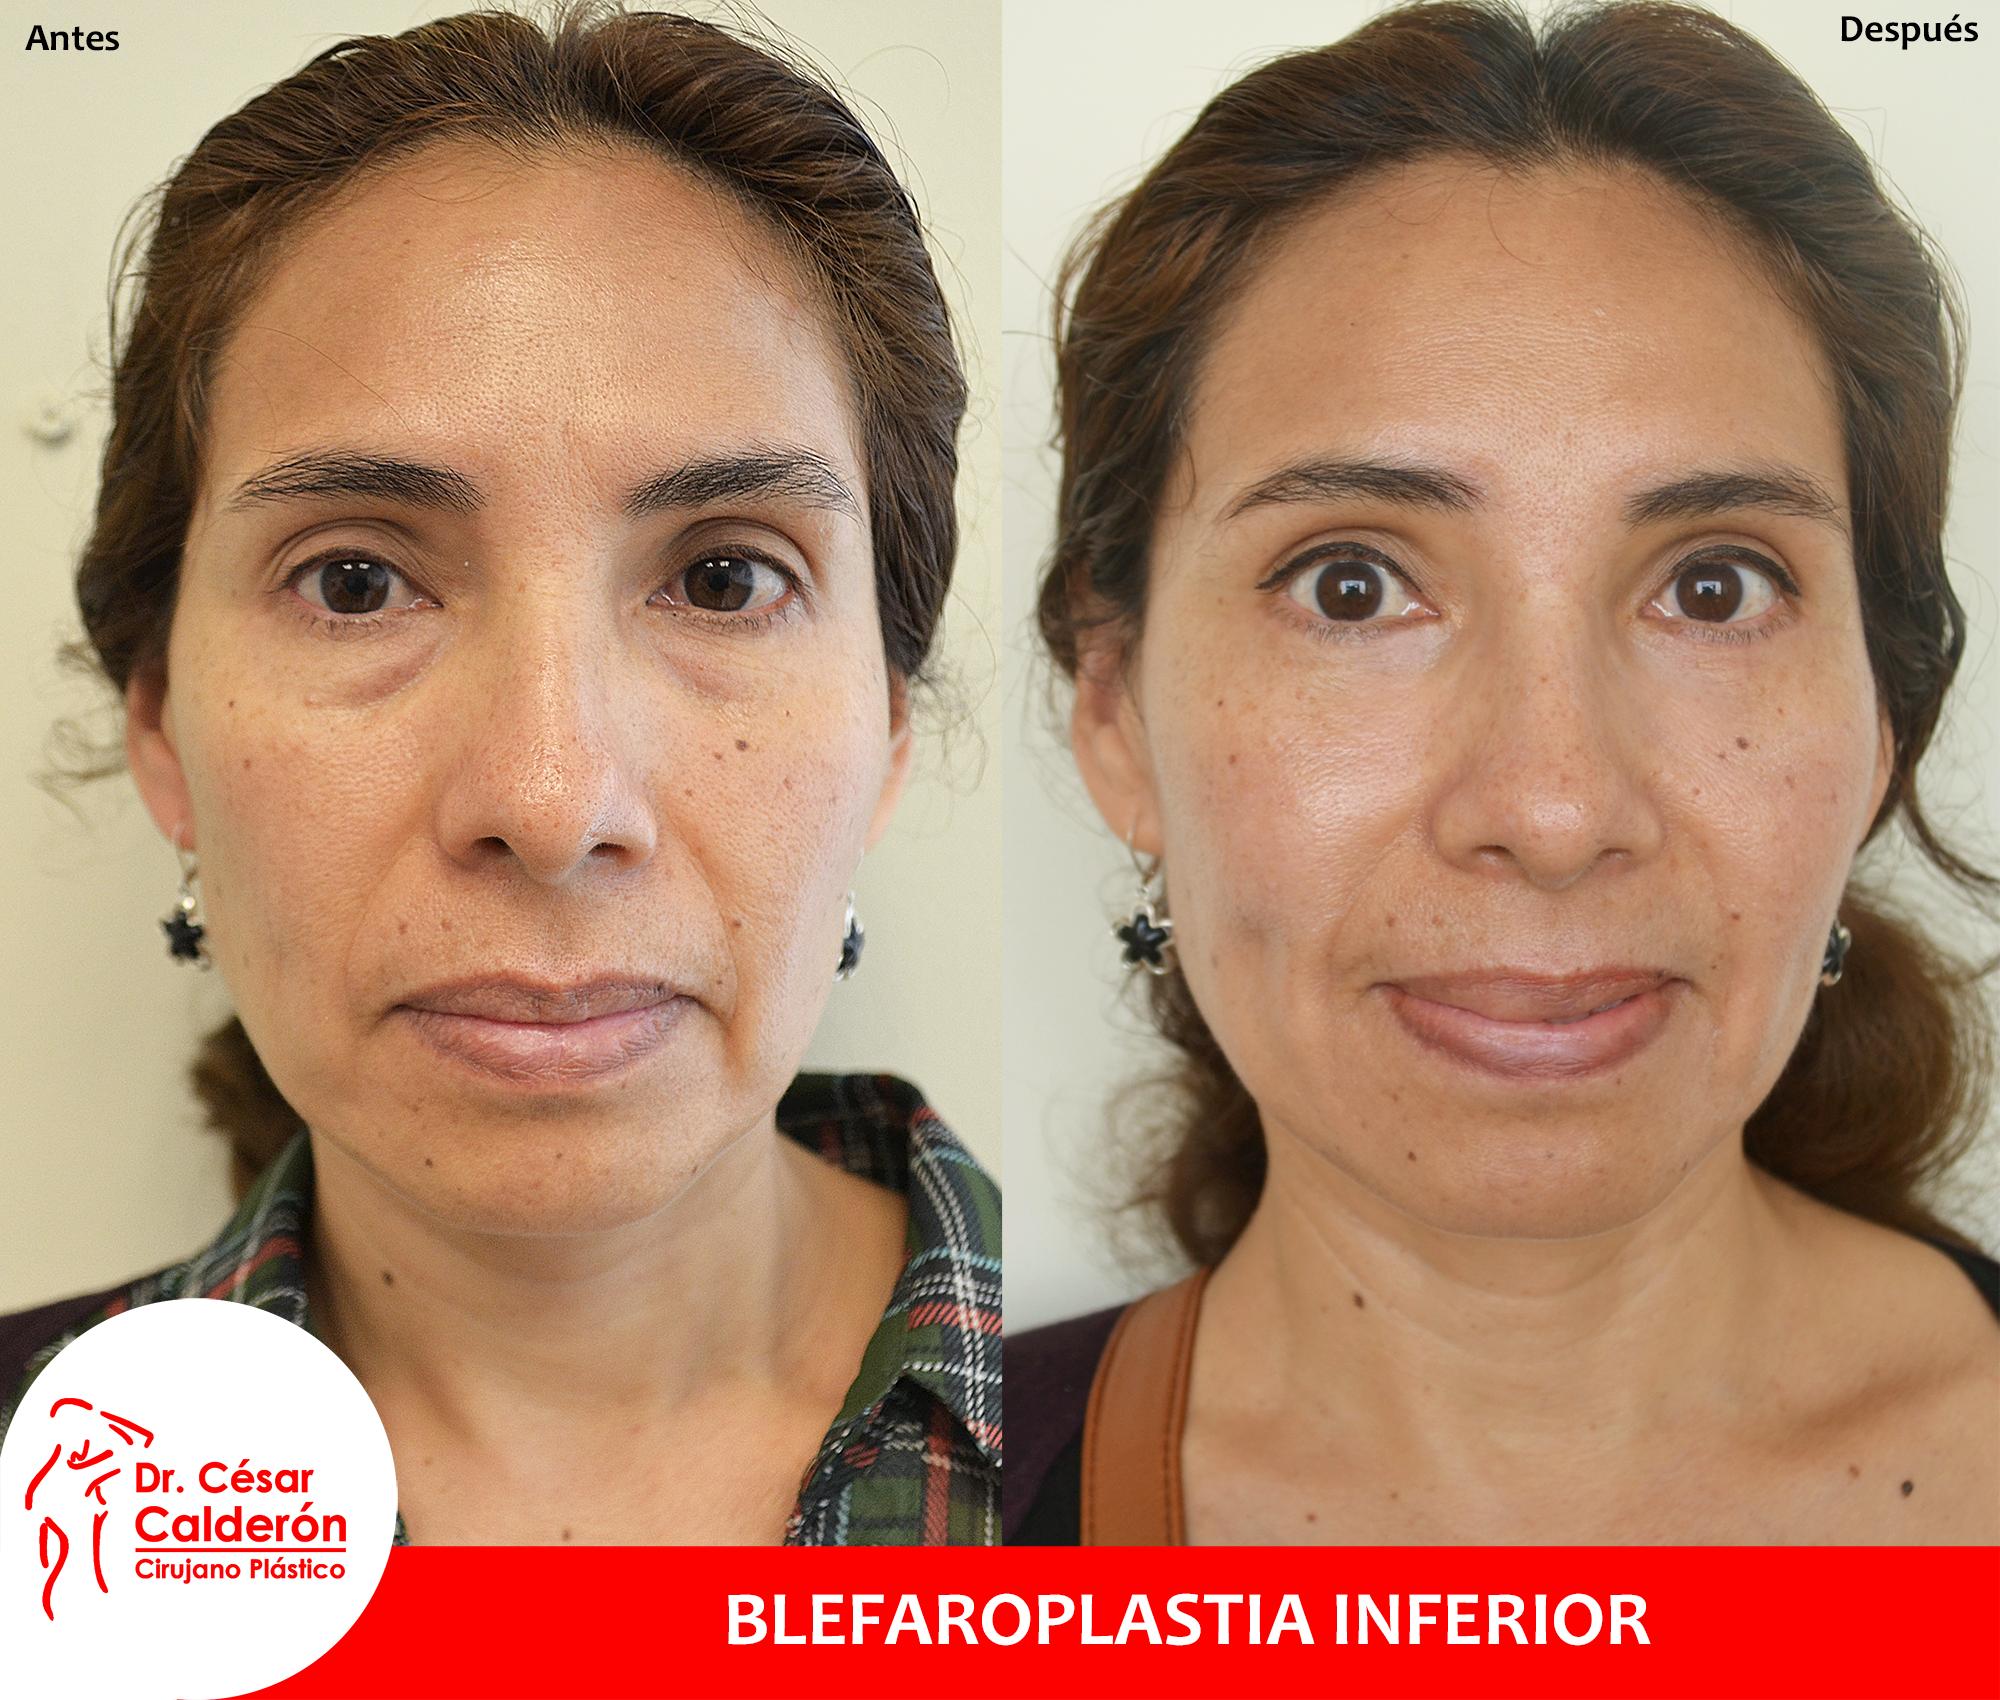 Clínica de la Belleza - Blefaroplastia-inferior-+-botox